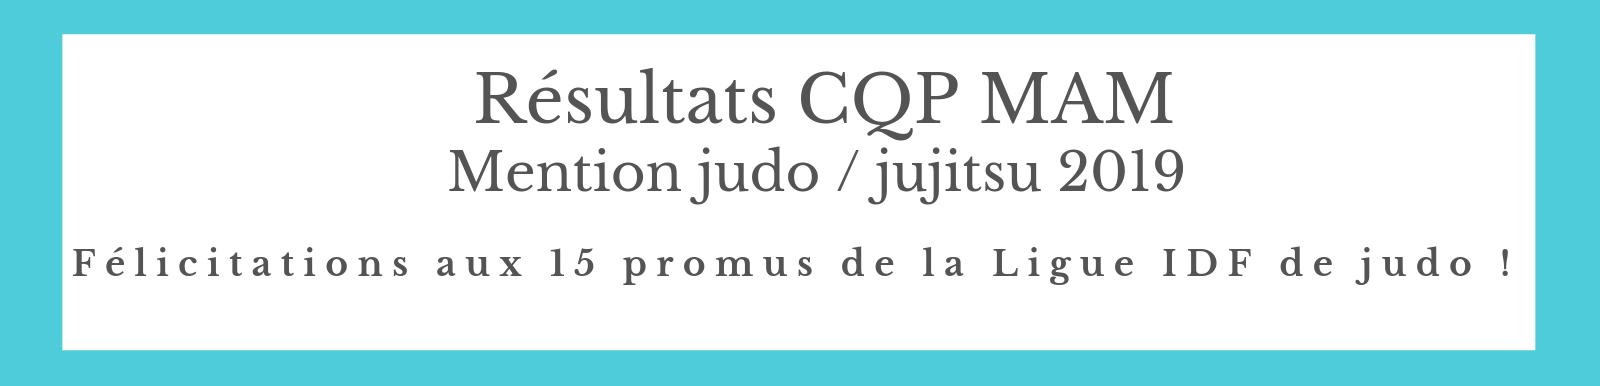 promu_cqp_2019